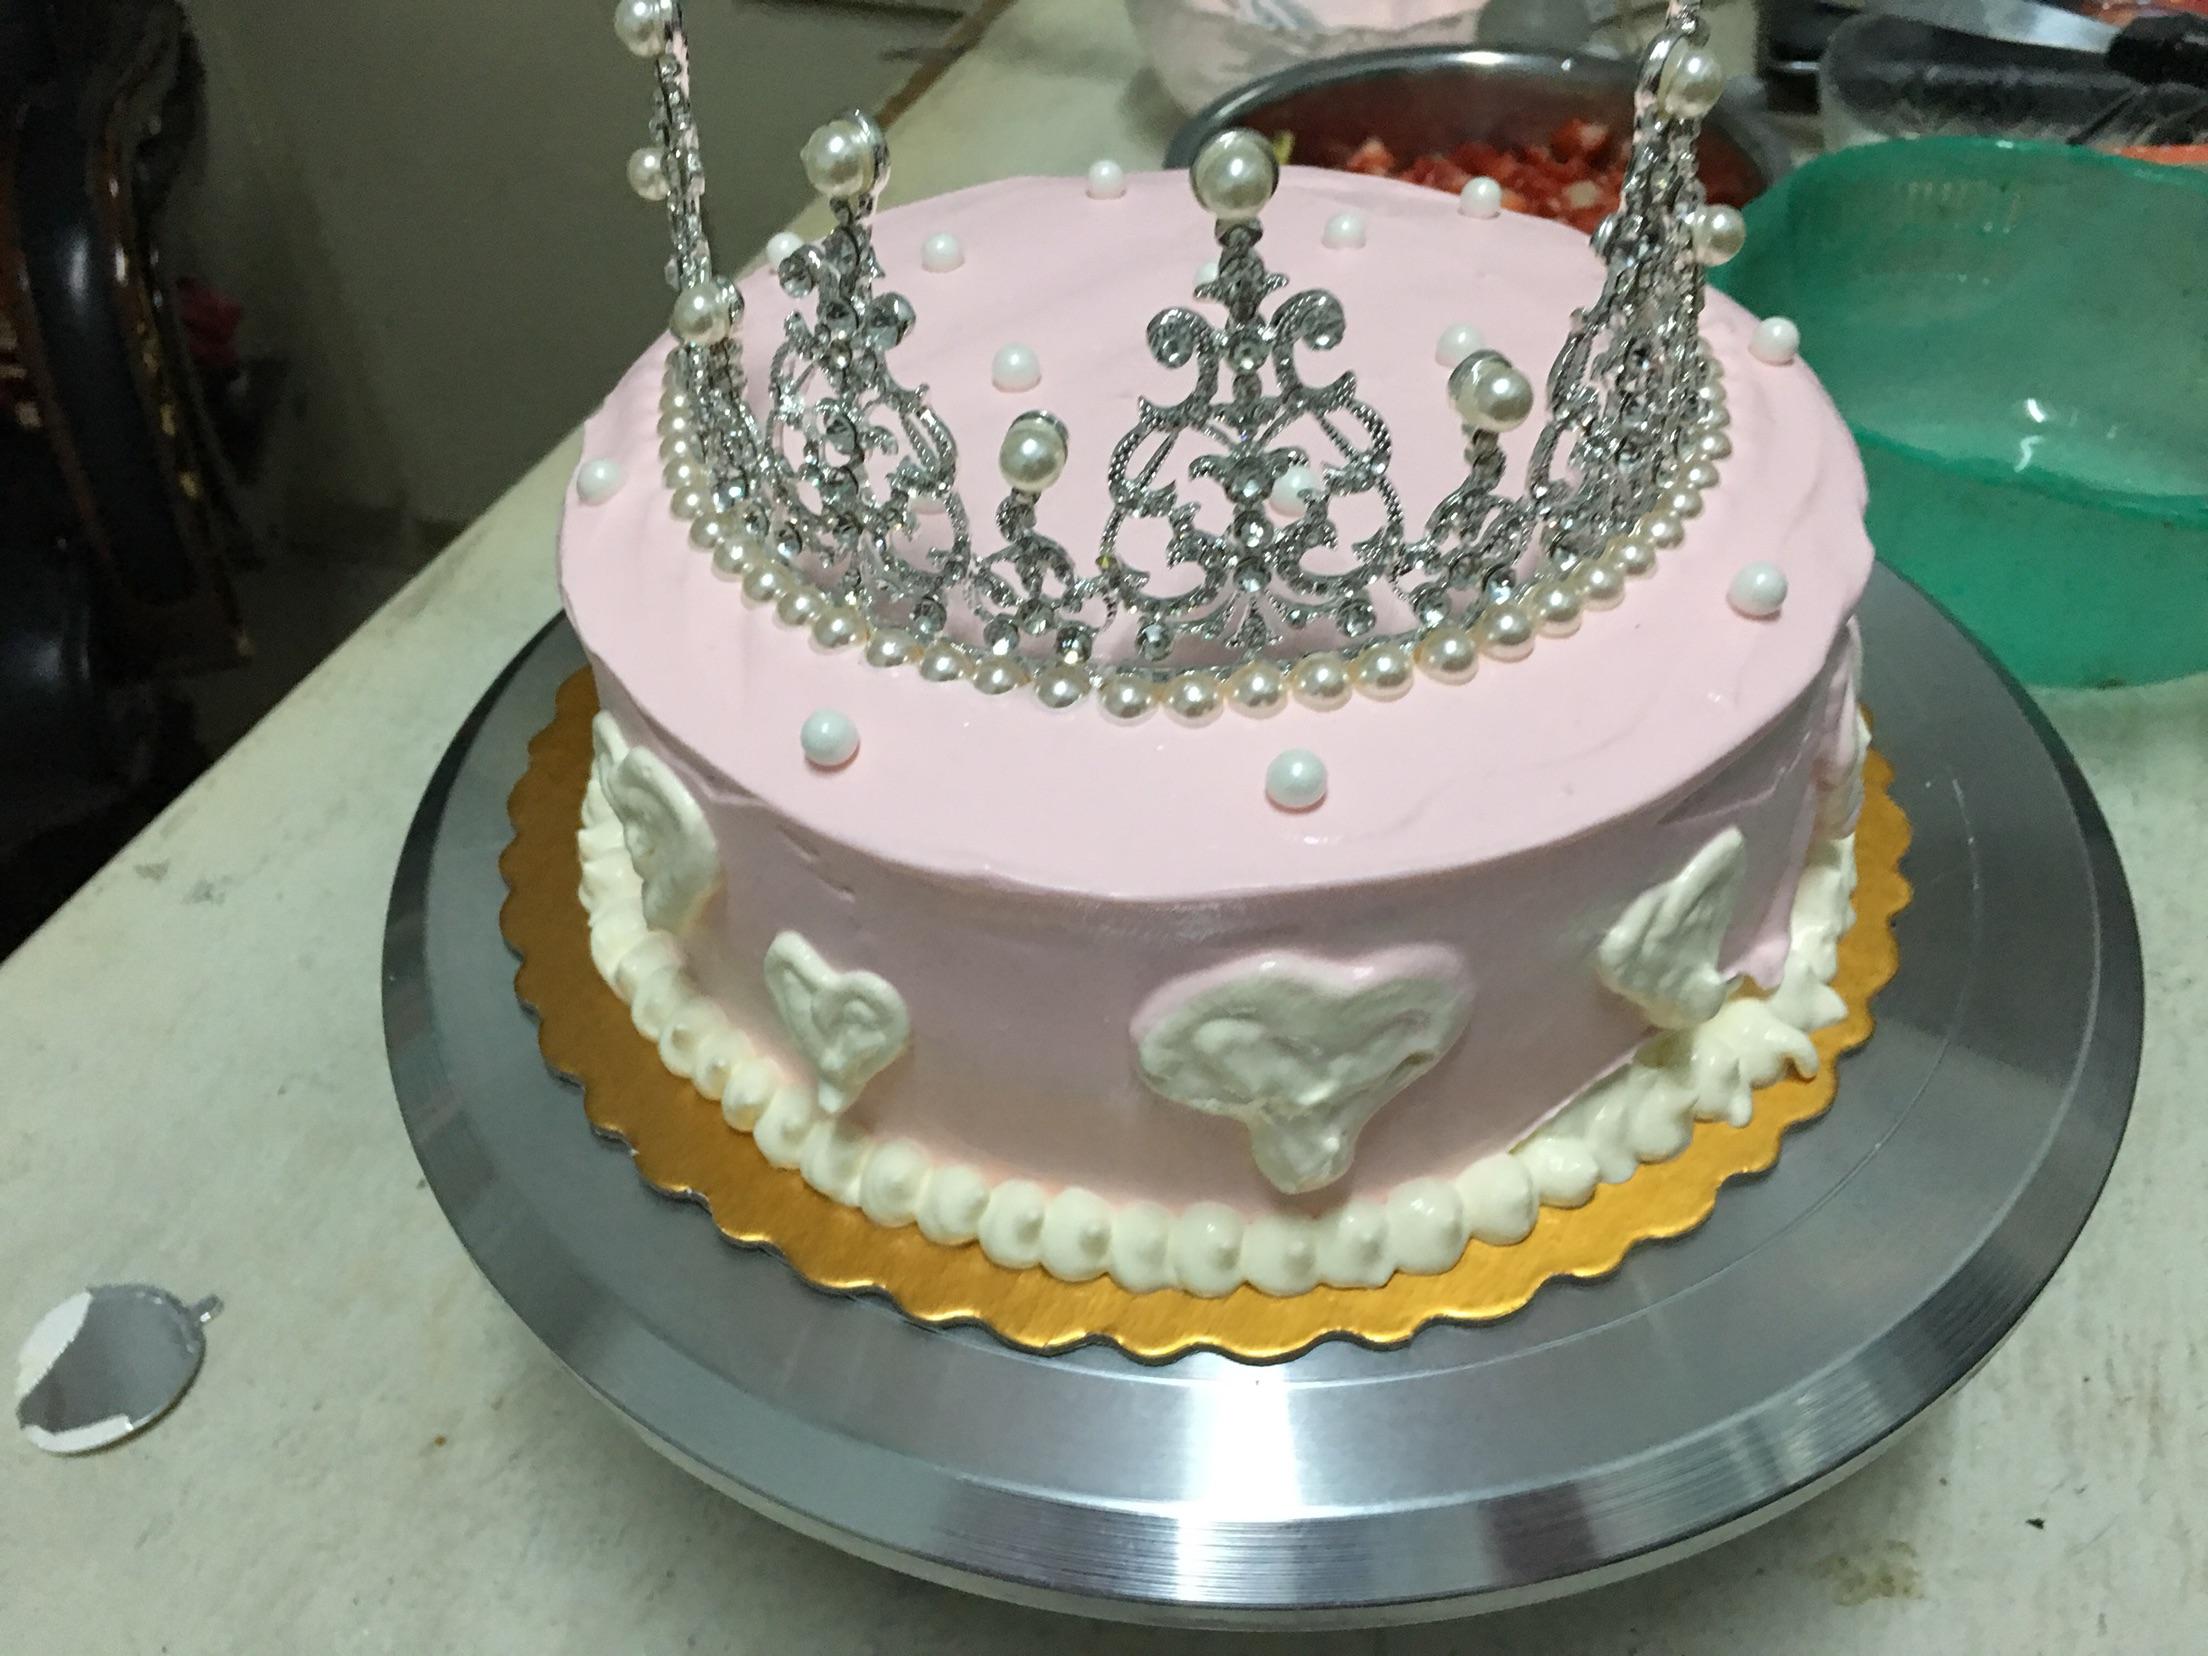 抹面 淡奶油500g 食用色素适量 糖珠适量 皇冠蛋糕的做法步骤